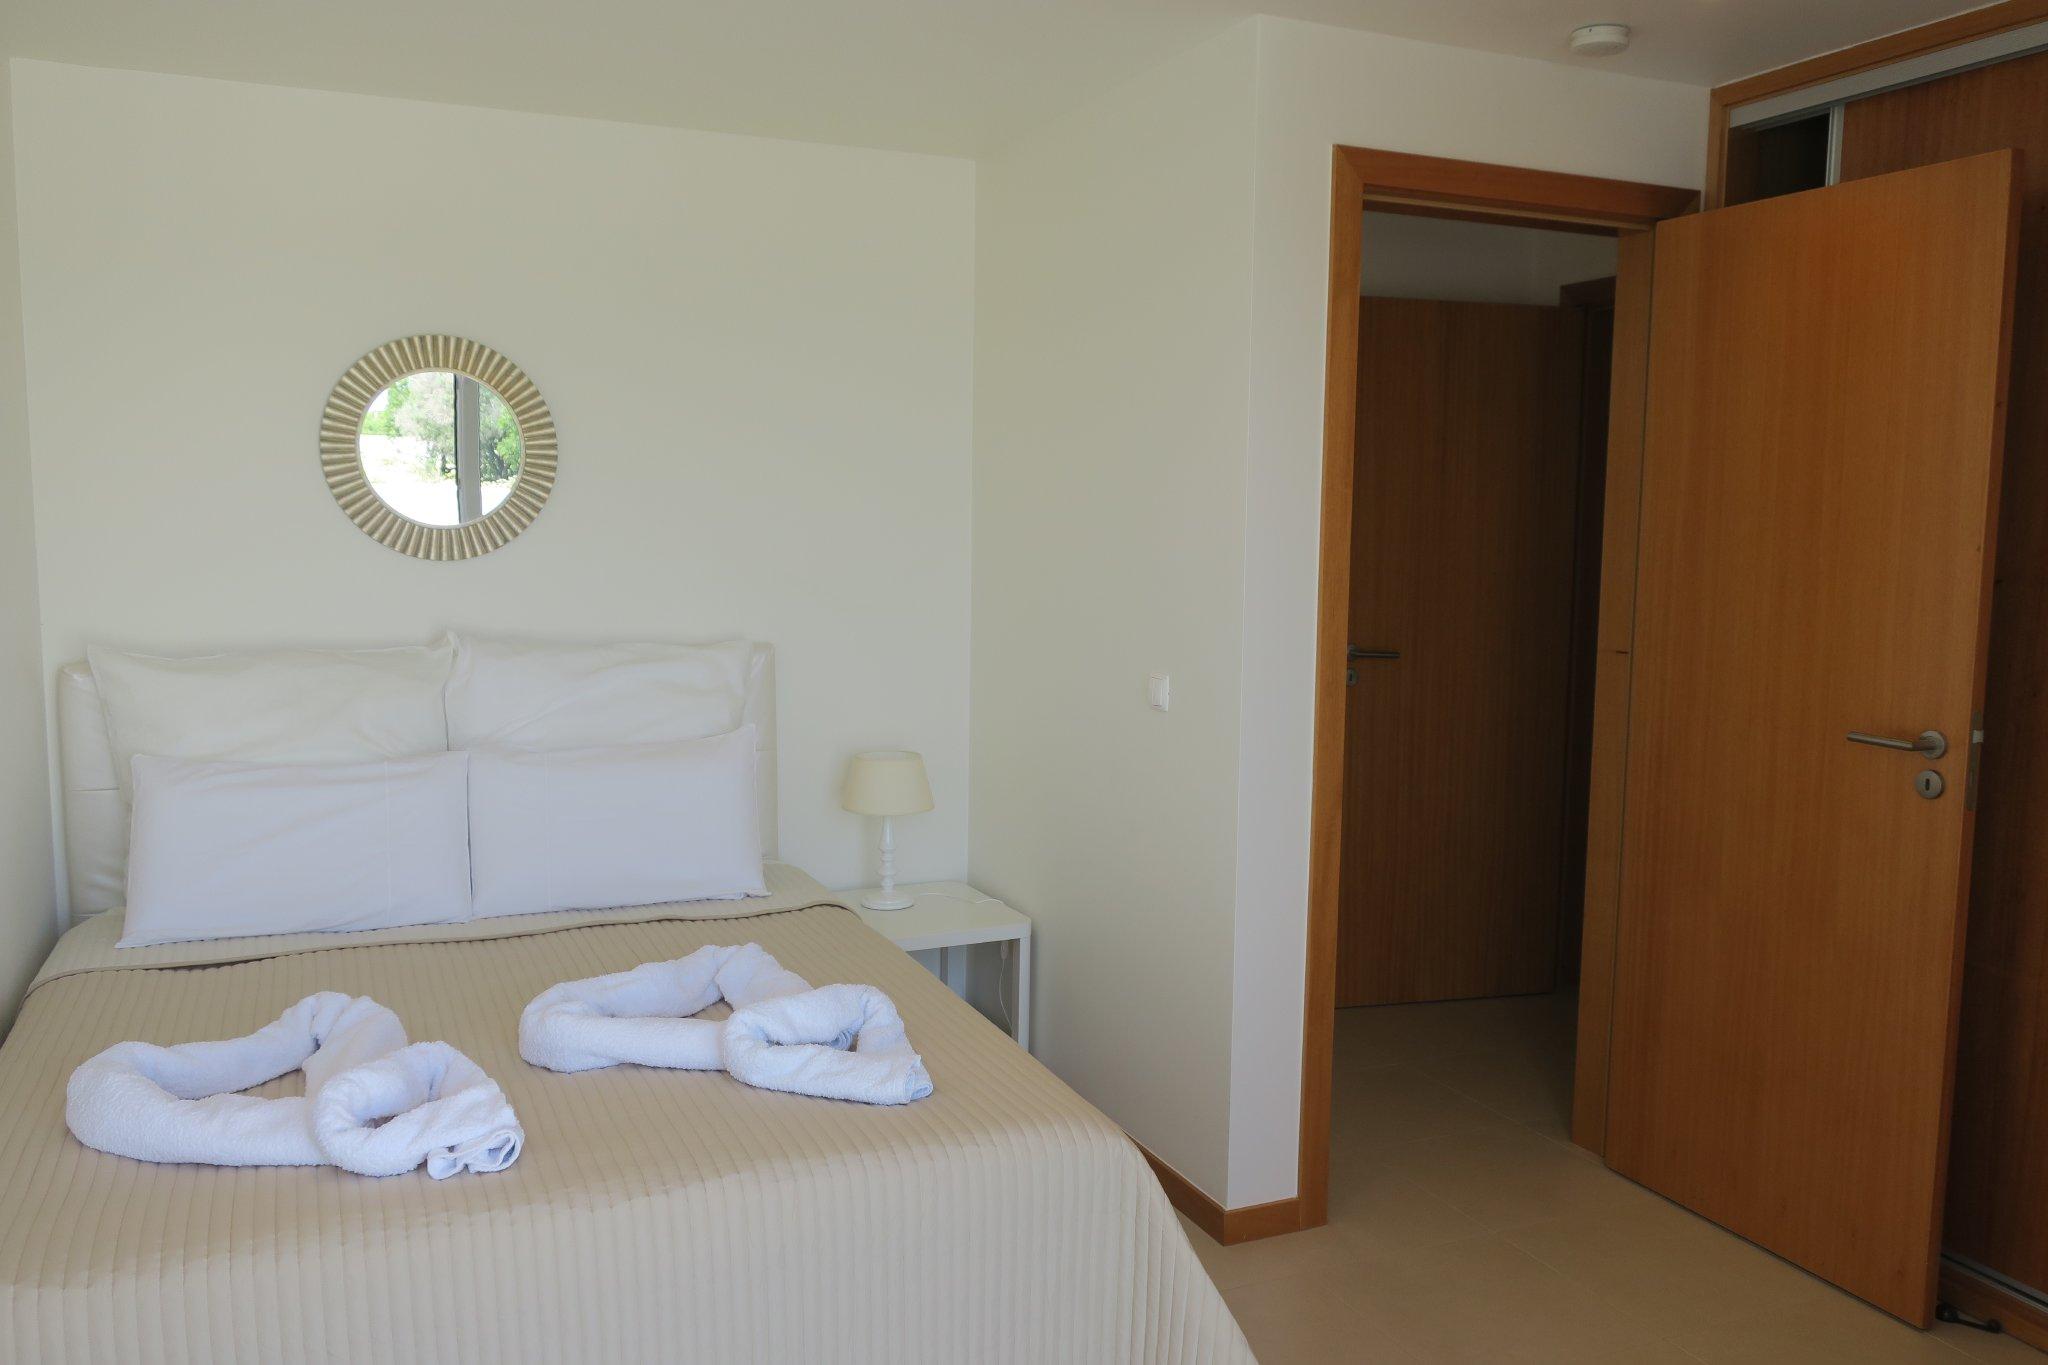 Badezimmer mit Wanne und Bidet en suite